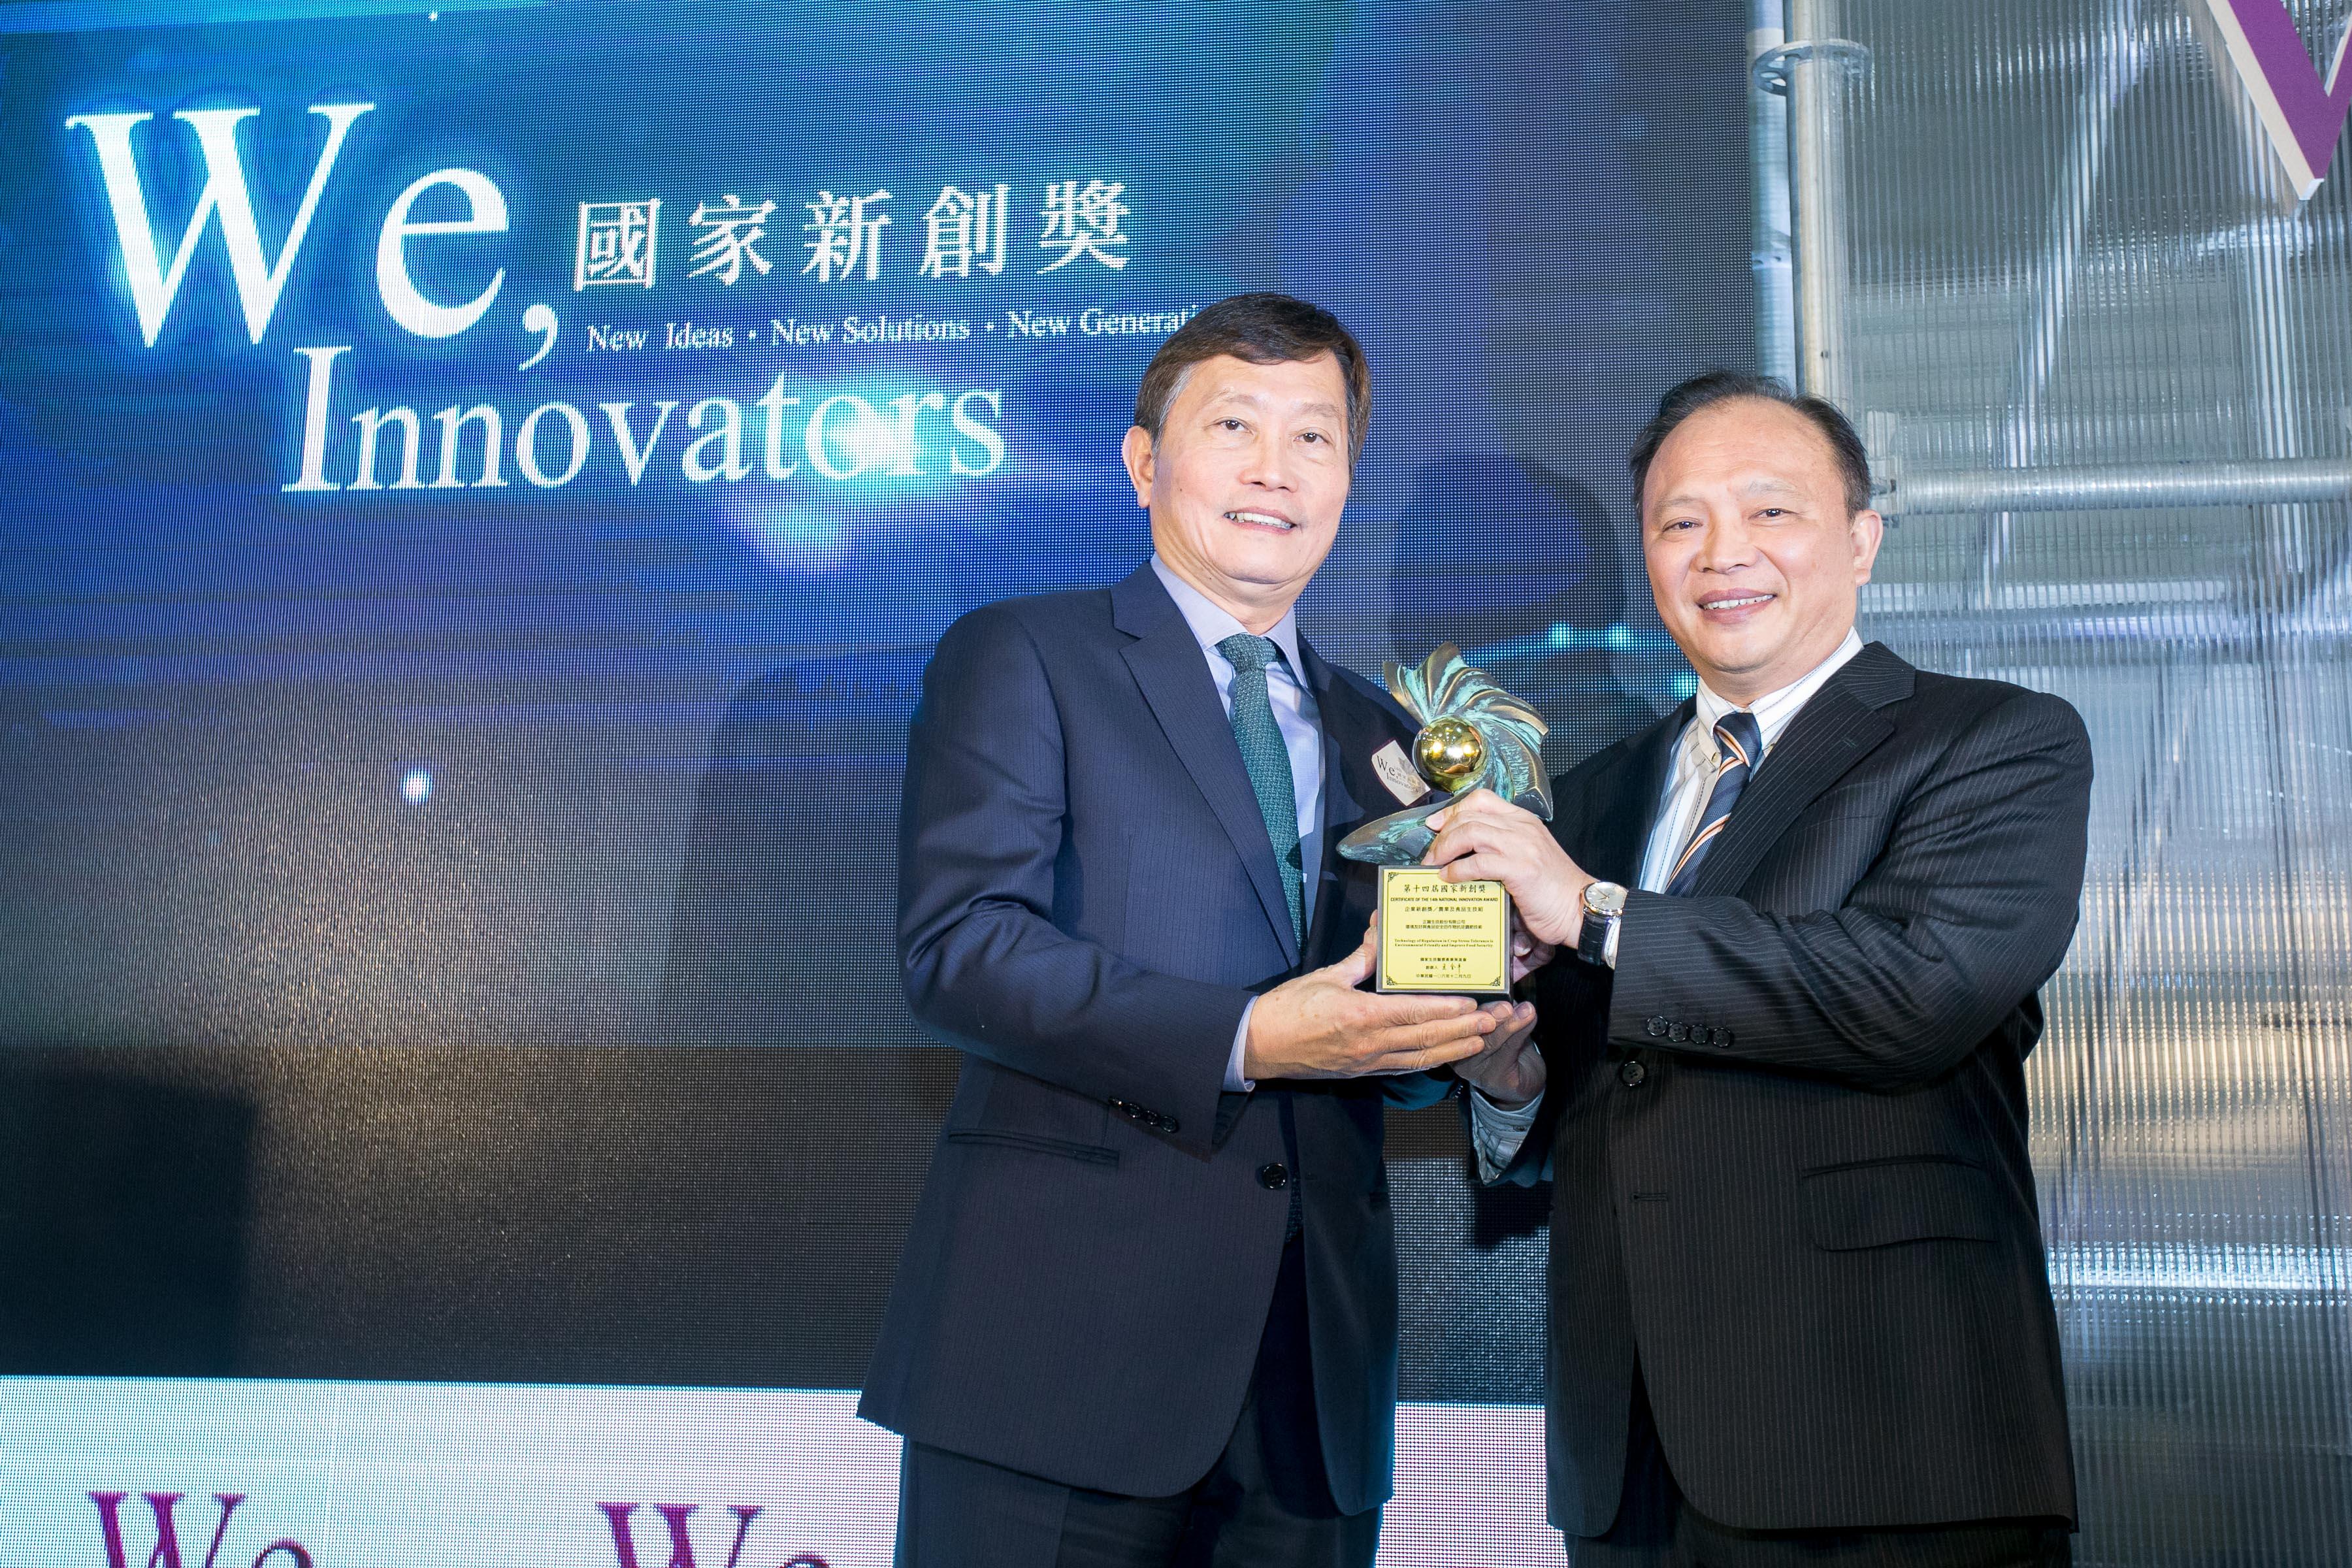 企業新創 農業及食品生技組獲獎